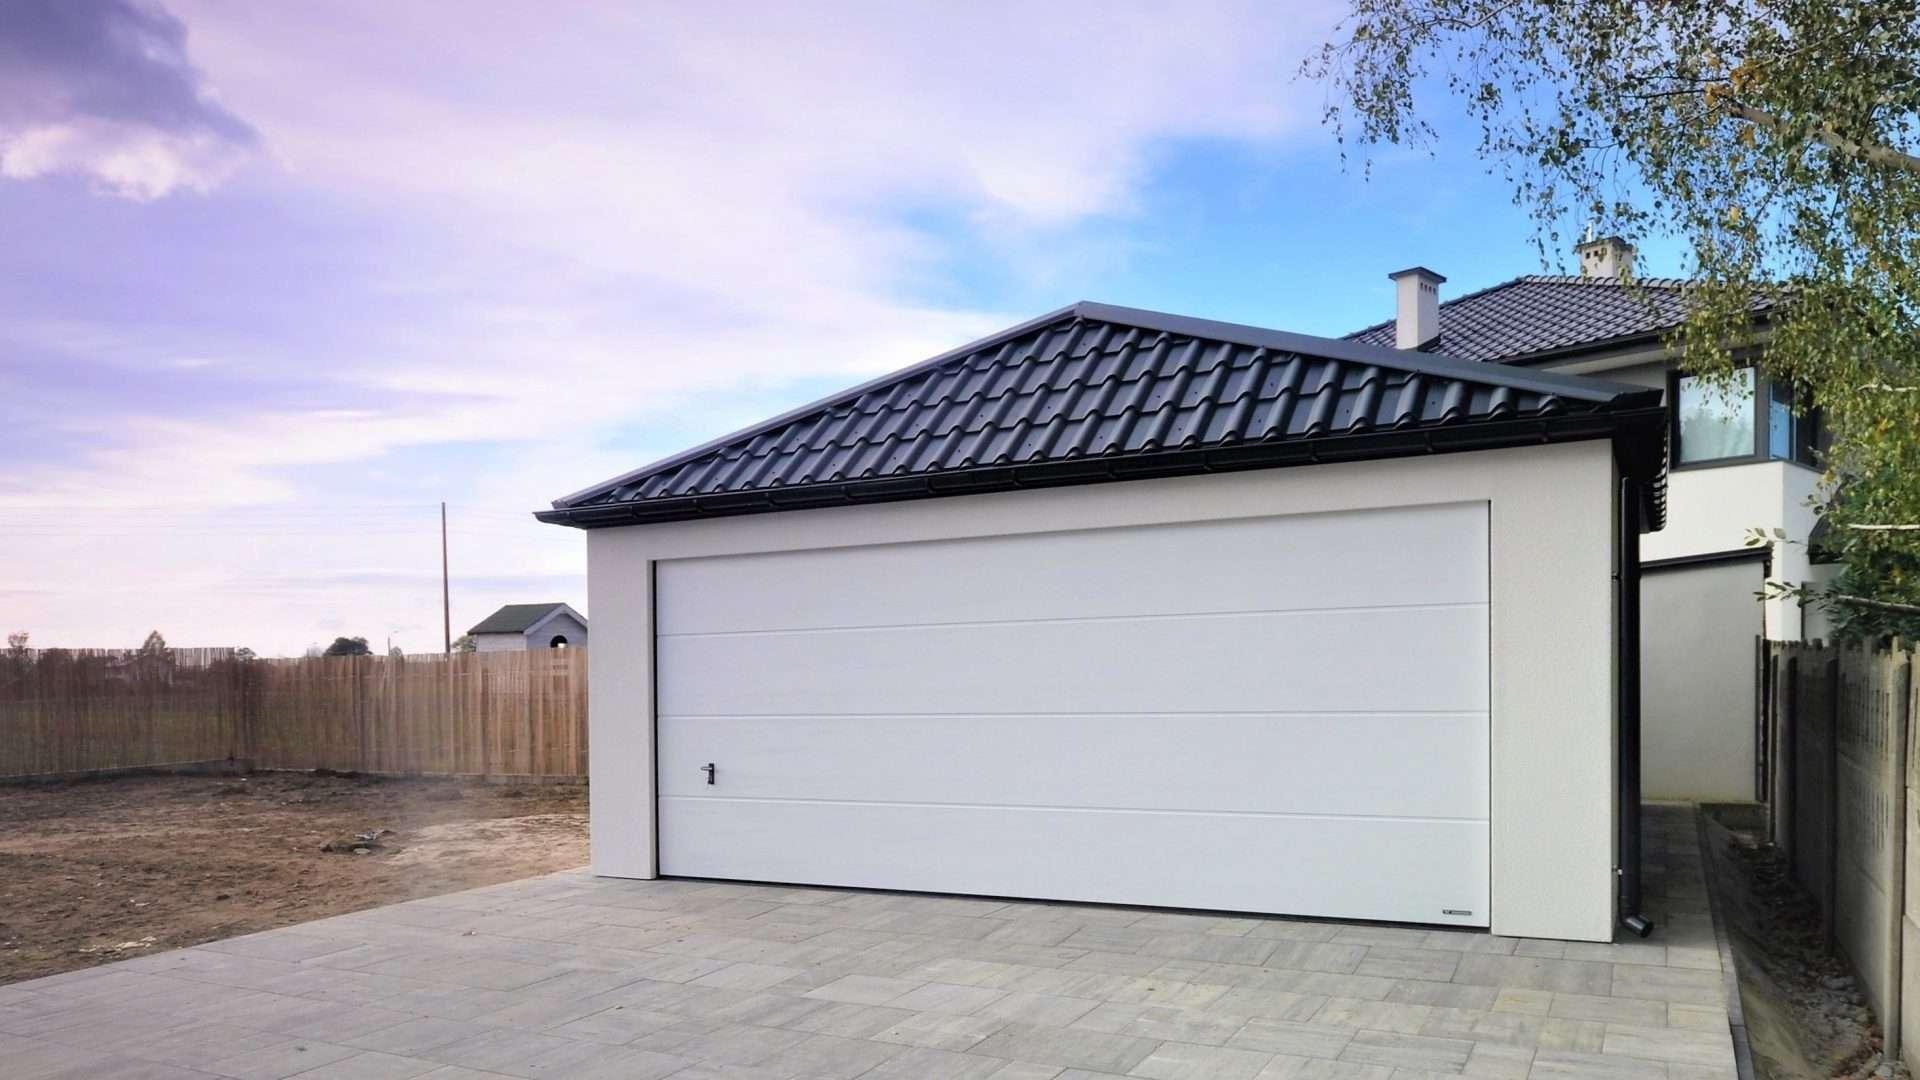 Garaż tynkowany Quatro-Classic - 2 samochody, 6,0 x 5,7m